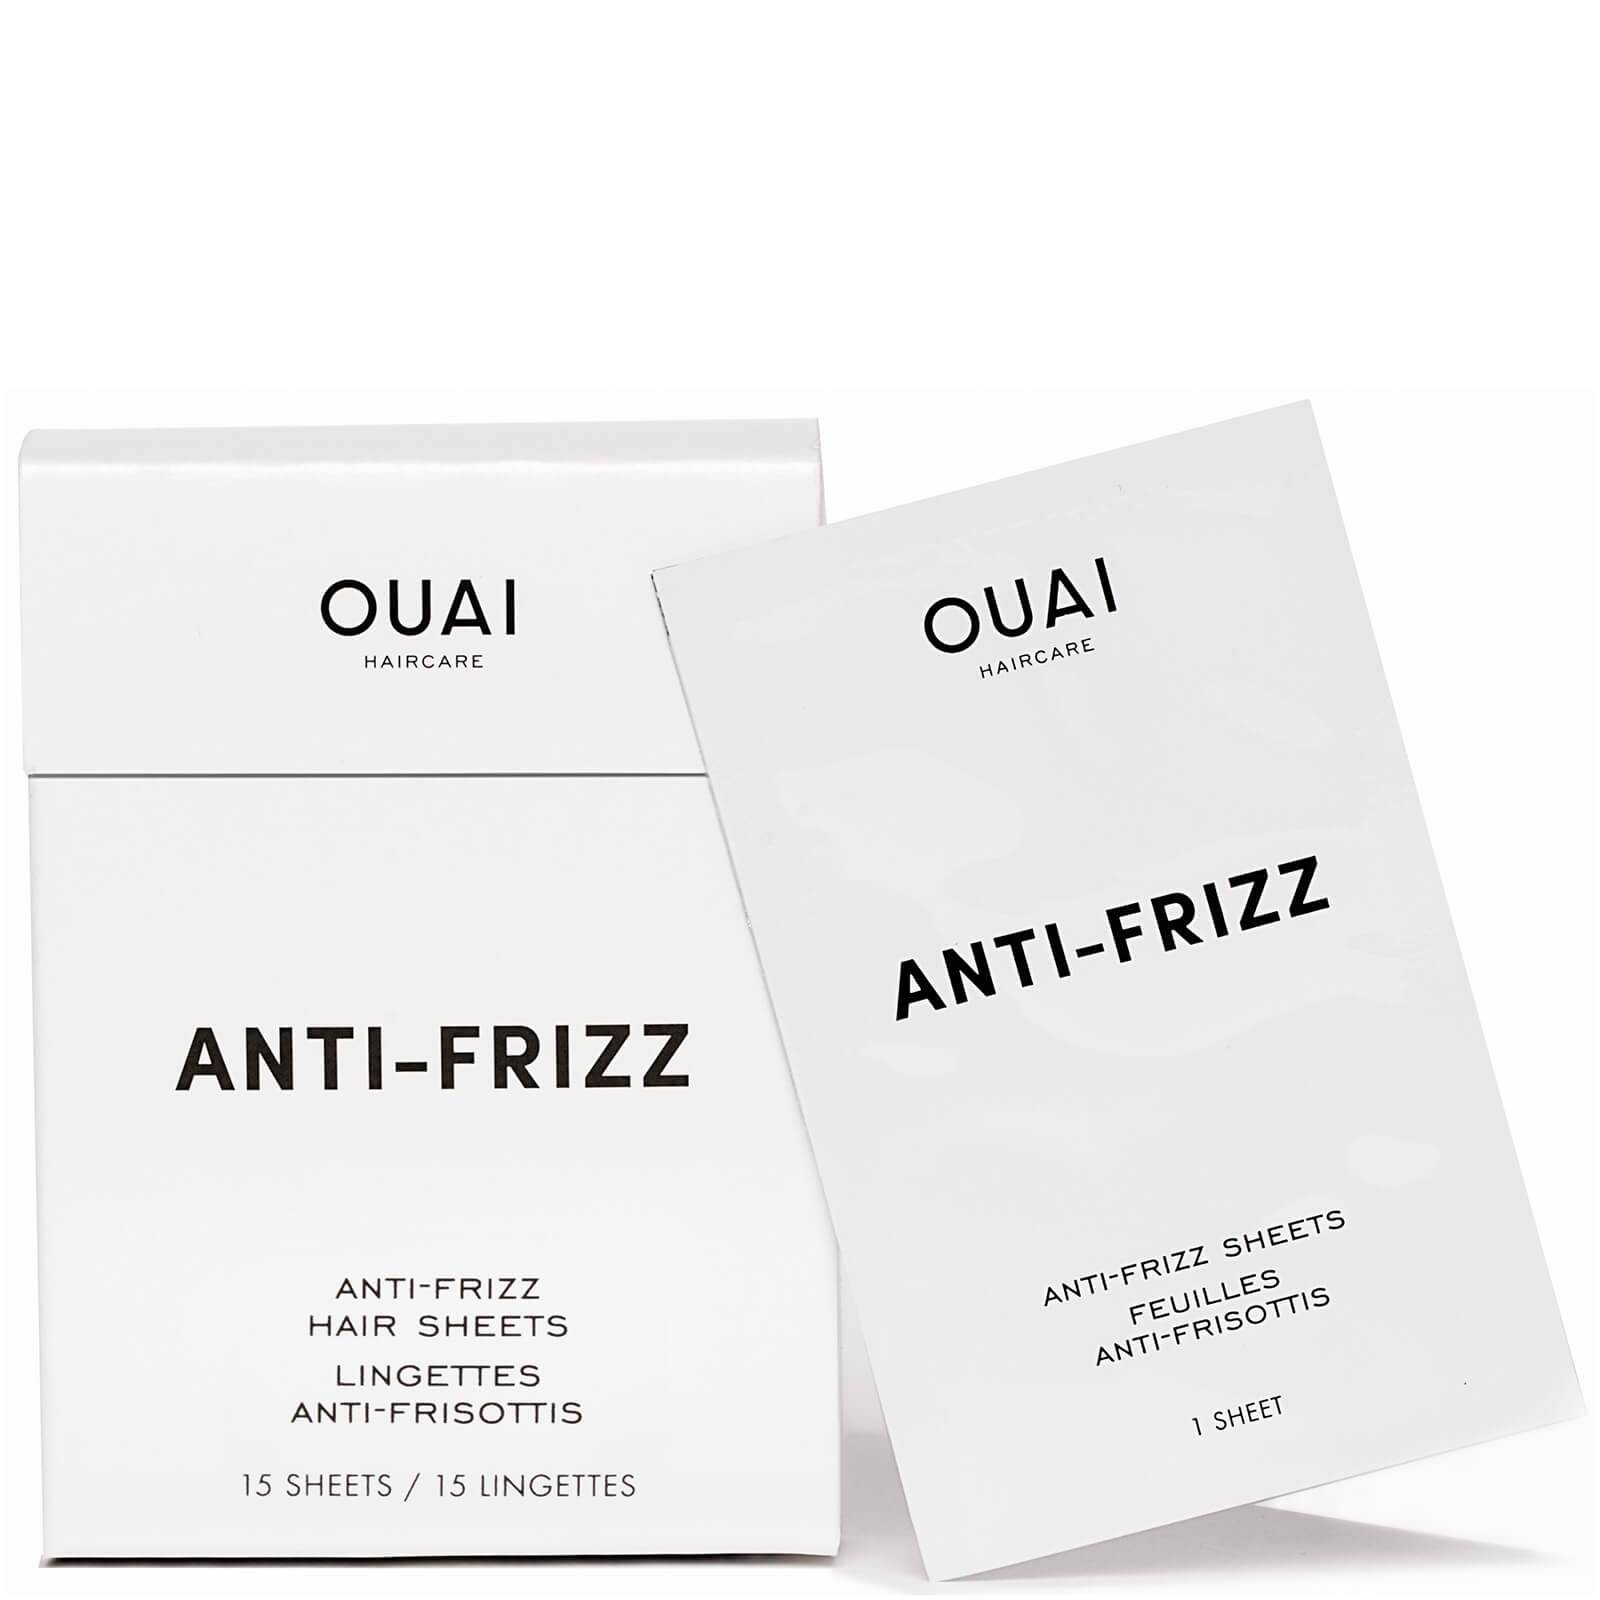 OUAI Lingettes Anti-Frisottis OUAI